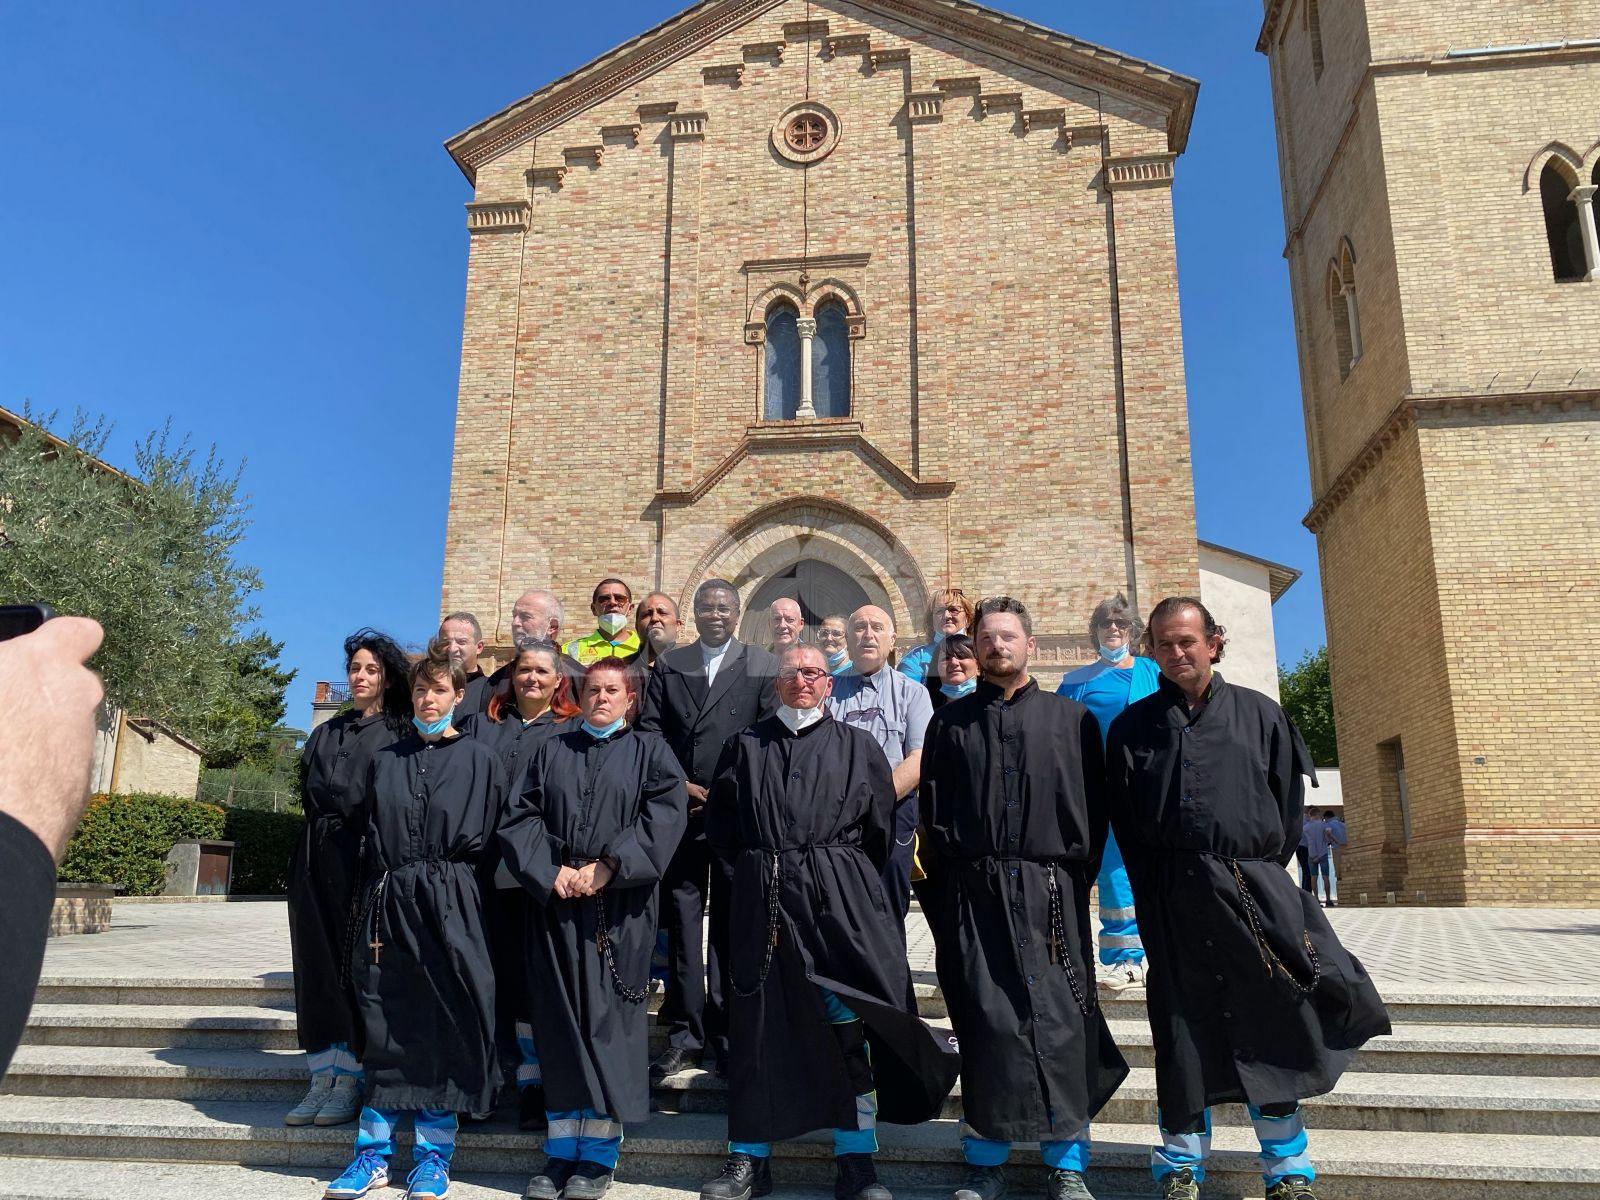 Misericordia di Assisi in festa per i diciotto anni di servizio (foto)